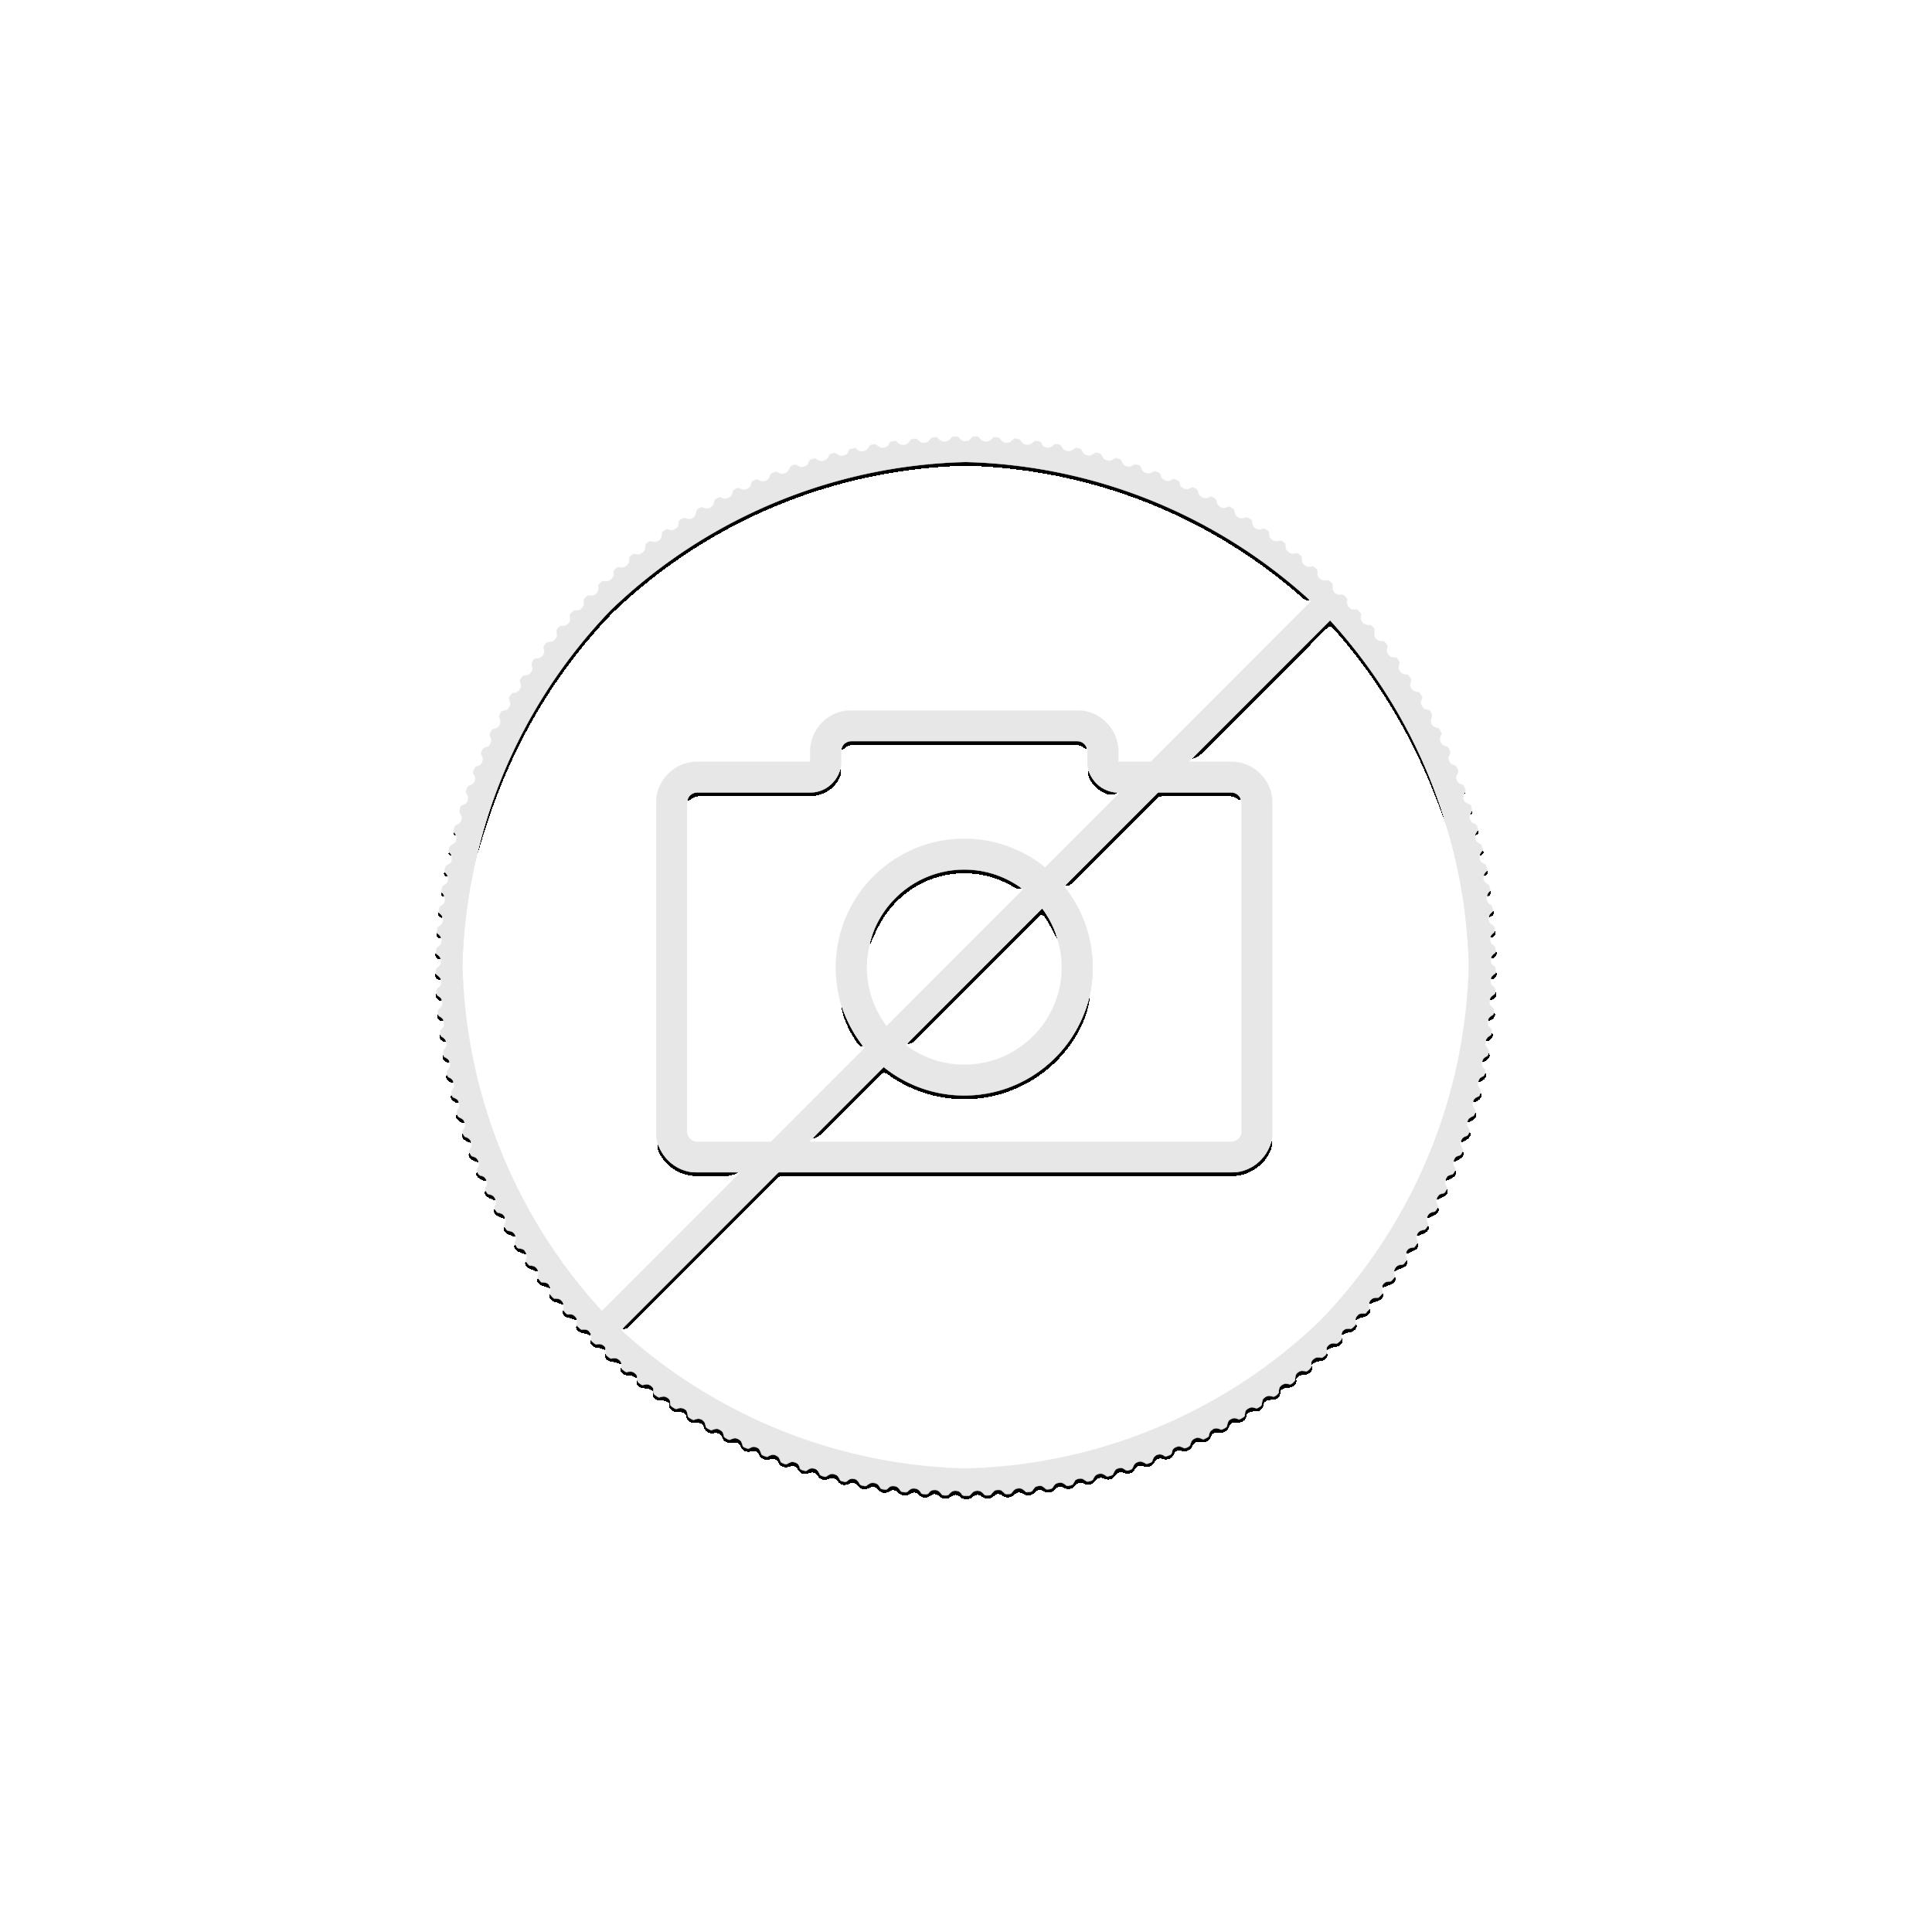 10 gulden goud Proof Gouden Tientje Waterland 2010